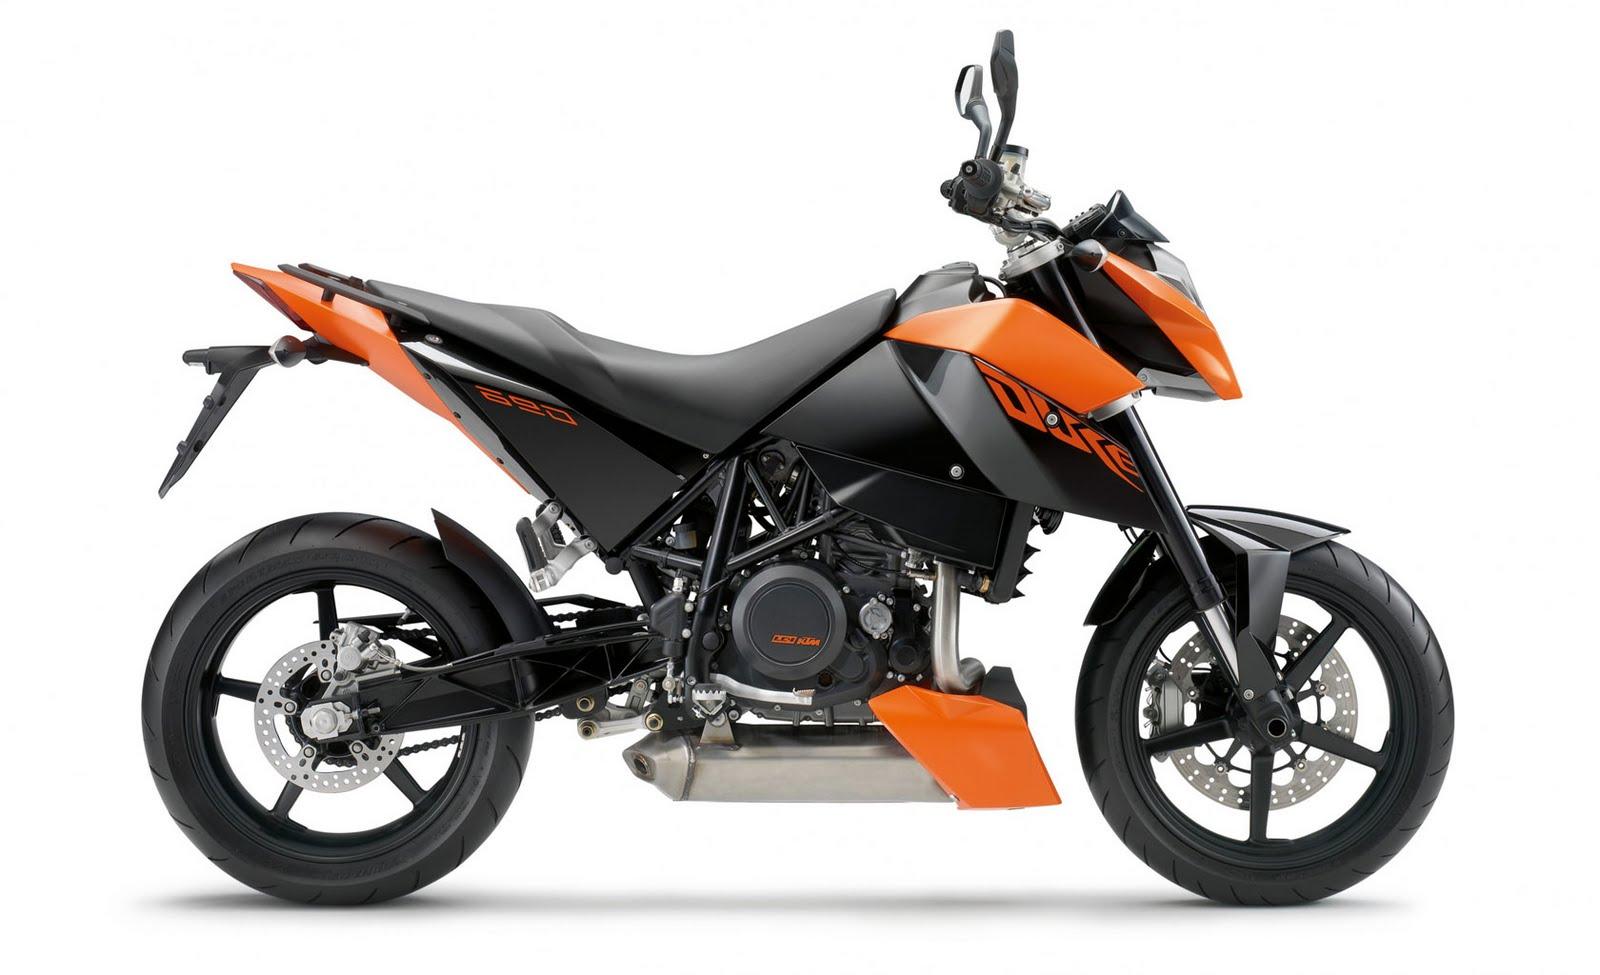 http://2.bp.blogspot.com/_YRPky_unmWw/S6w_-SjygNI/AAAAAAAABOY/HErYmmtPJaw/s1600/2010+KTM+690+Duke.jpg